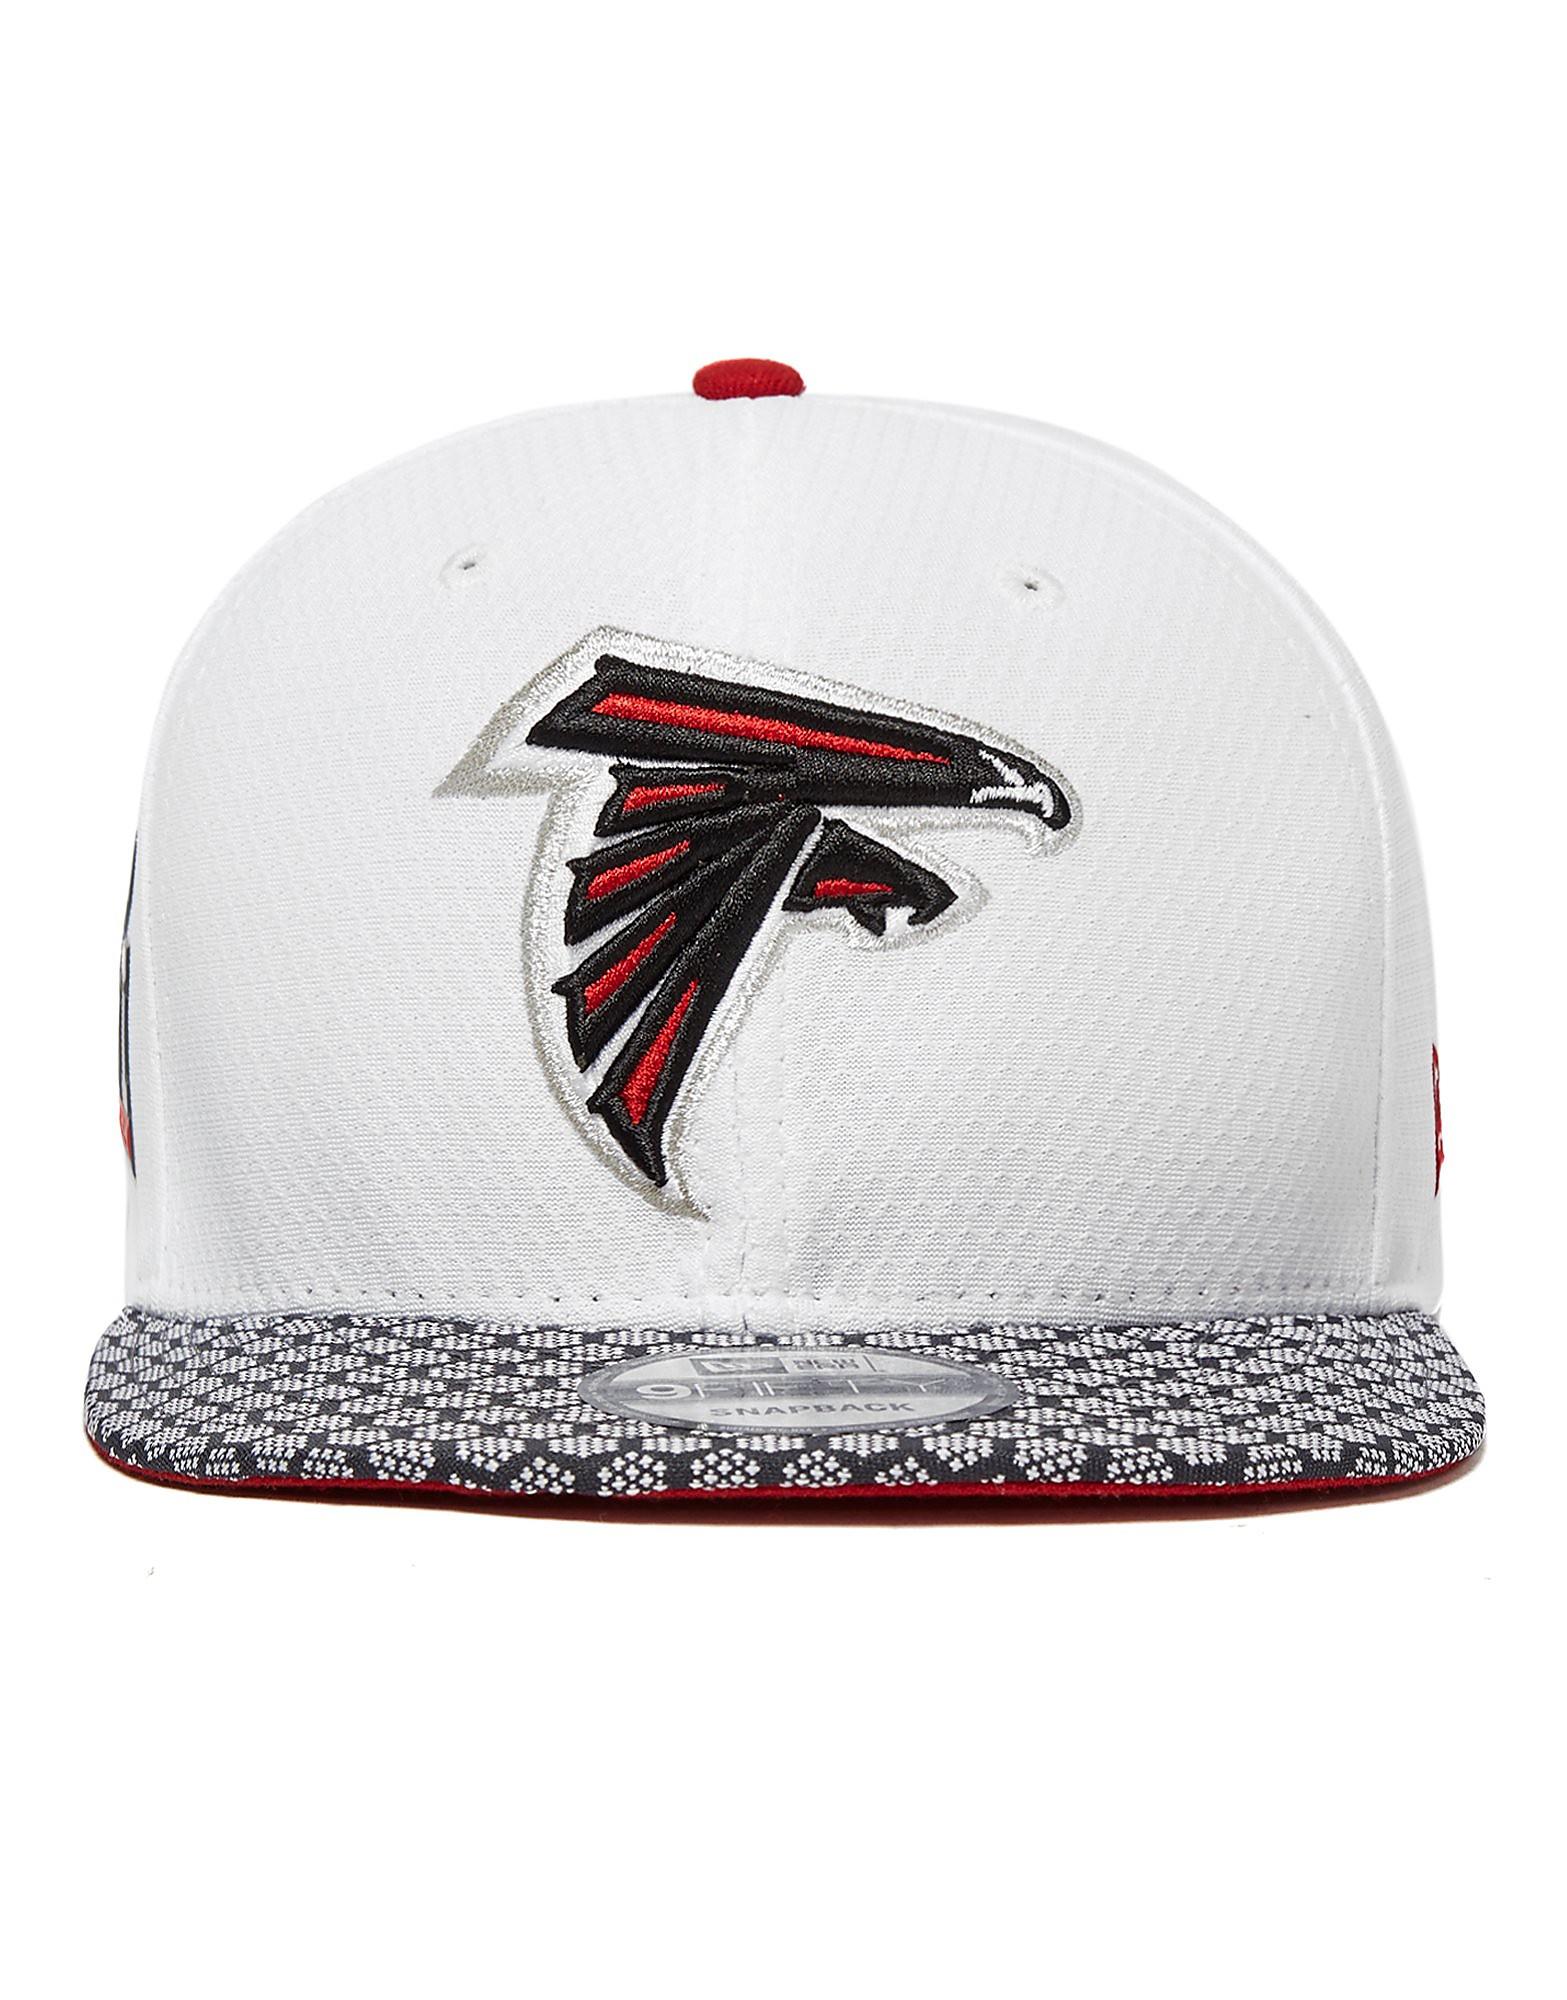 New Era NFL Atlanta Falcons 9FIFTY Snapback Cap